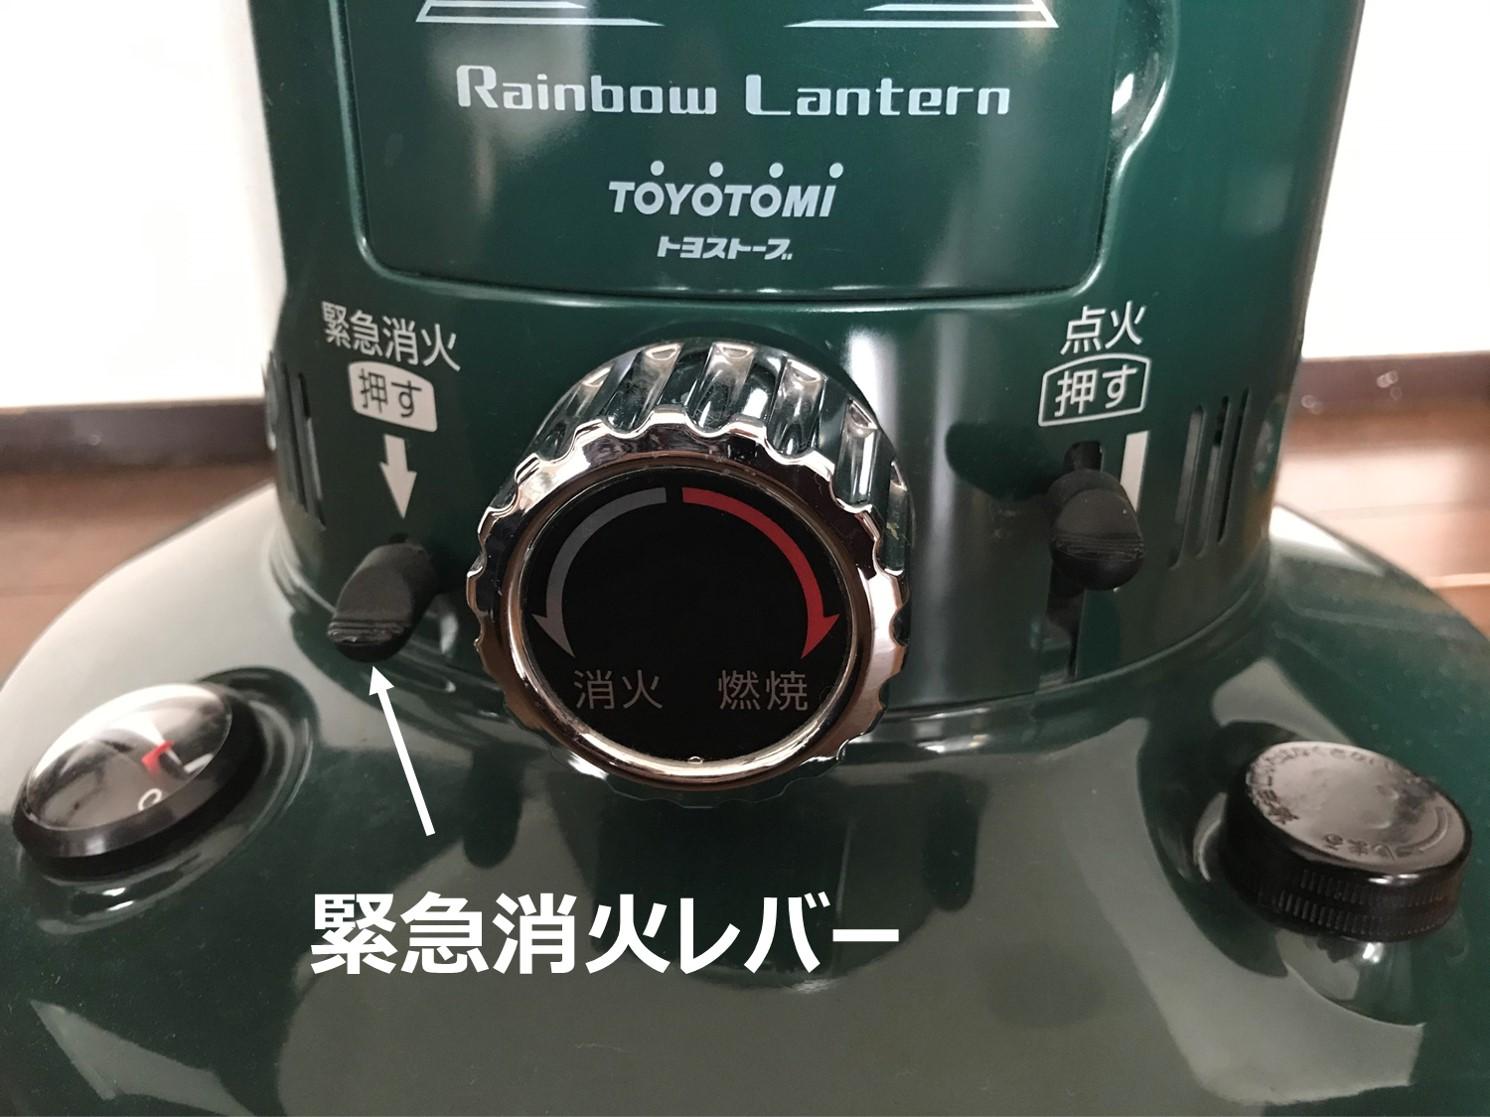 トヨトミ レインボーの緊急消火レバー